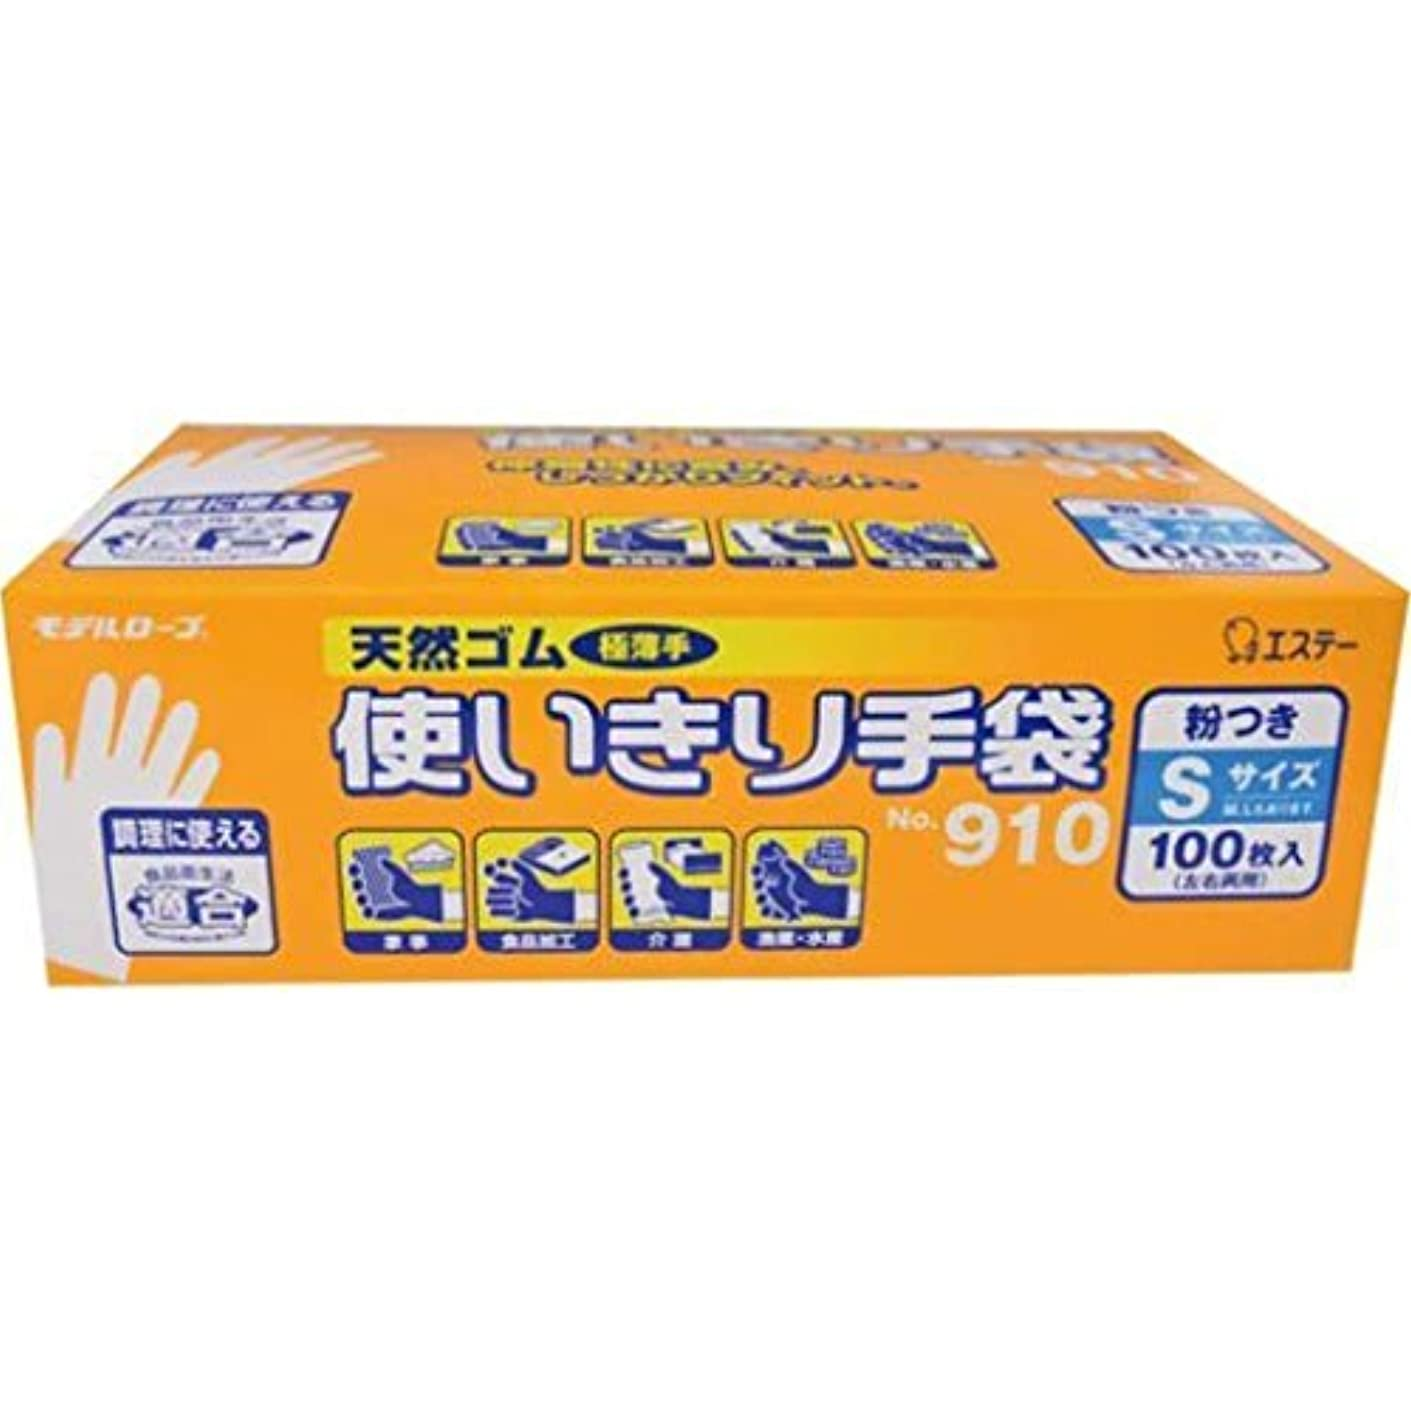 どちらか温度器具(まとめ買い)エステー 天然ゴム使い切り手袋 No.910 S 【×3セット】